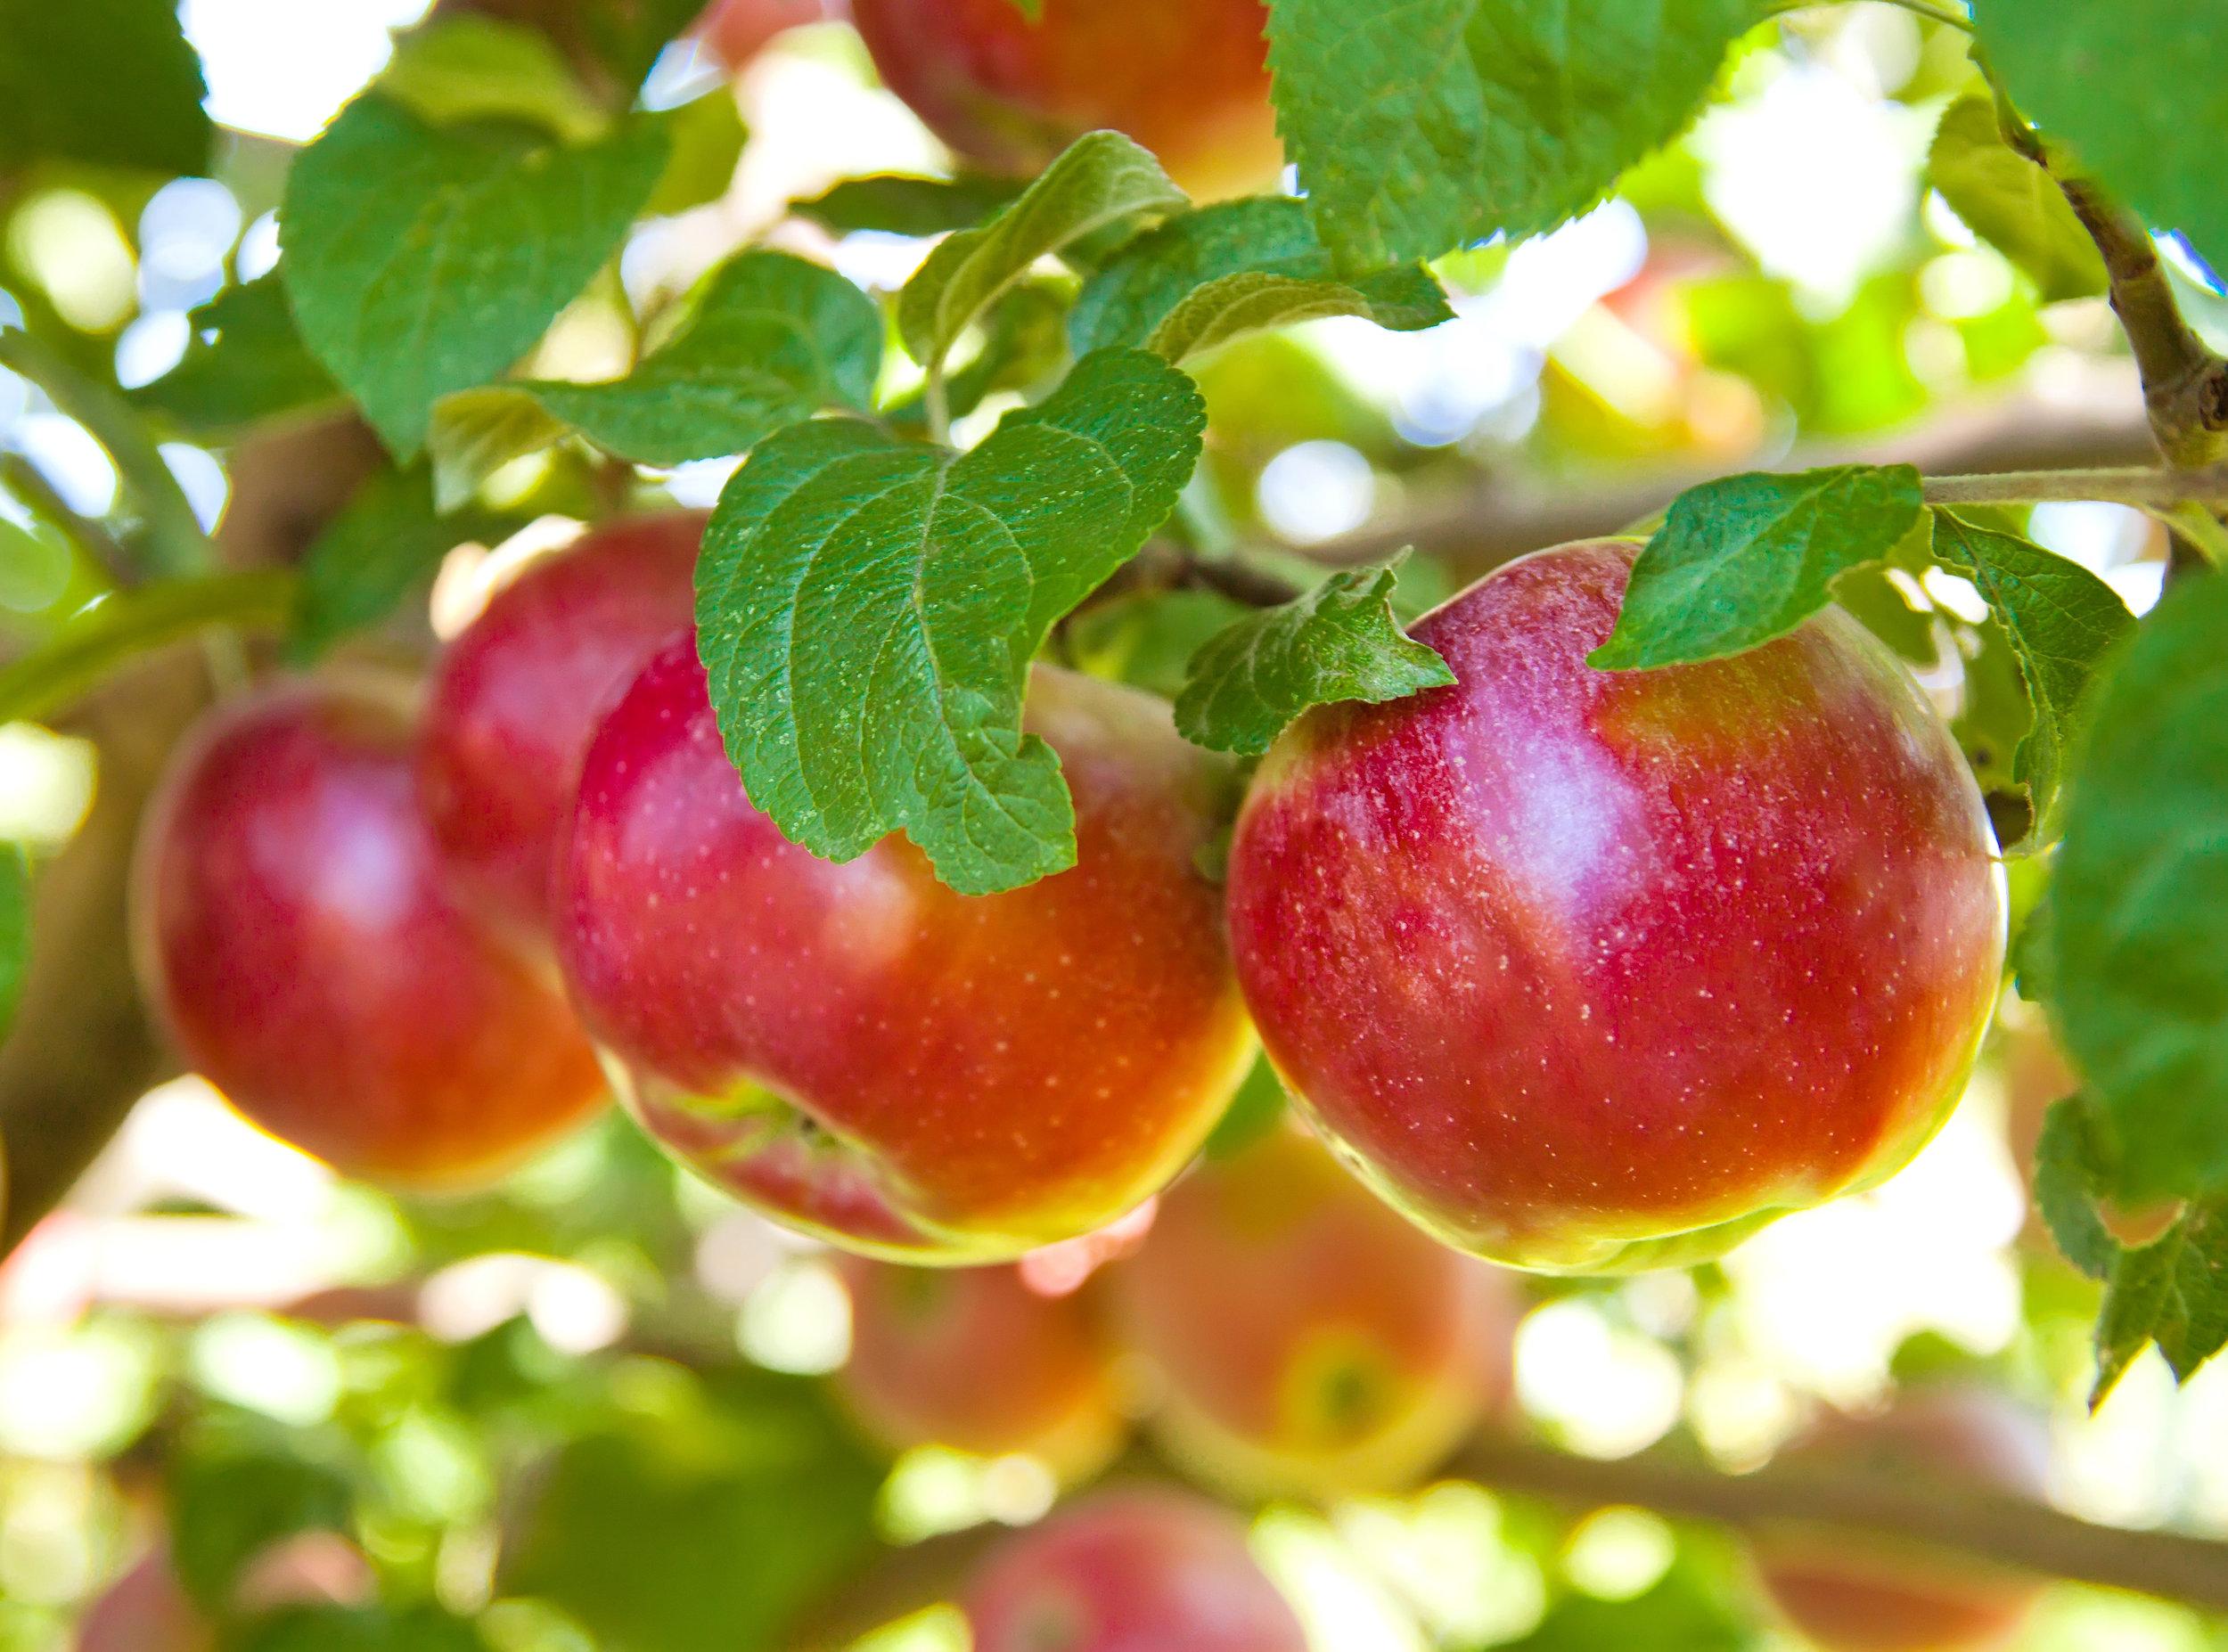 Seasonal Ingredient - Here is what's in season!